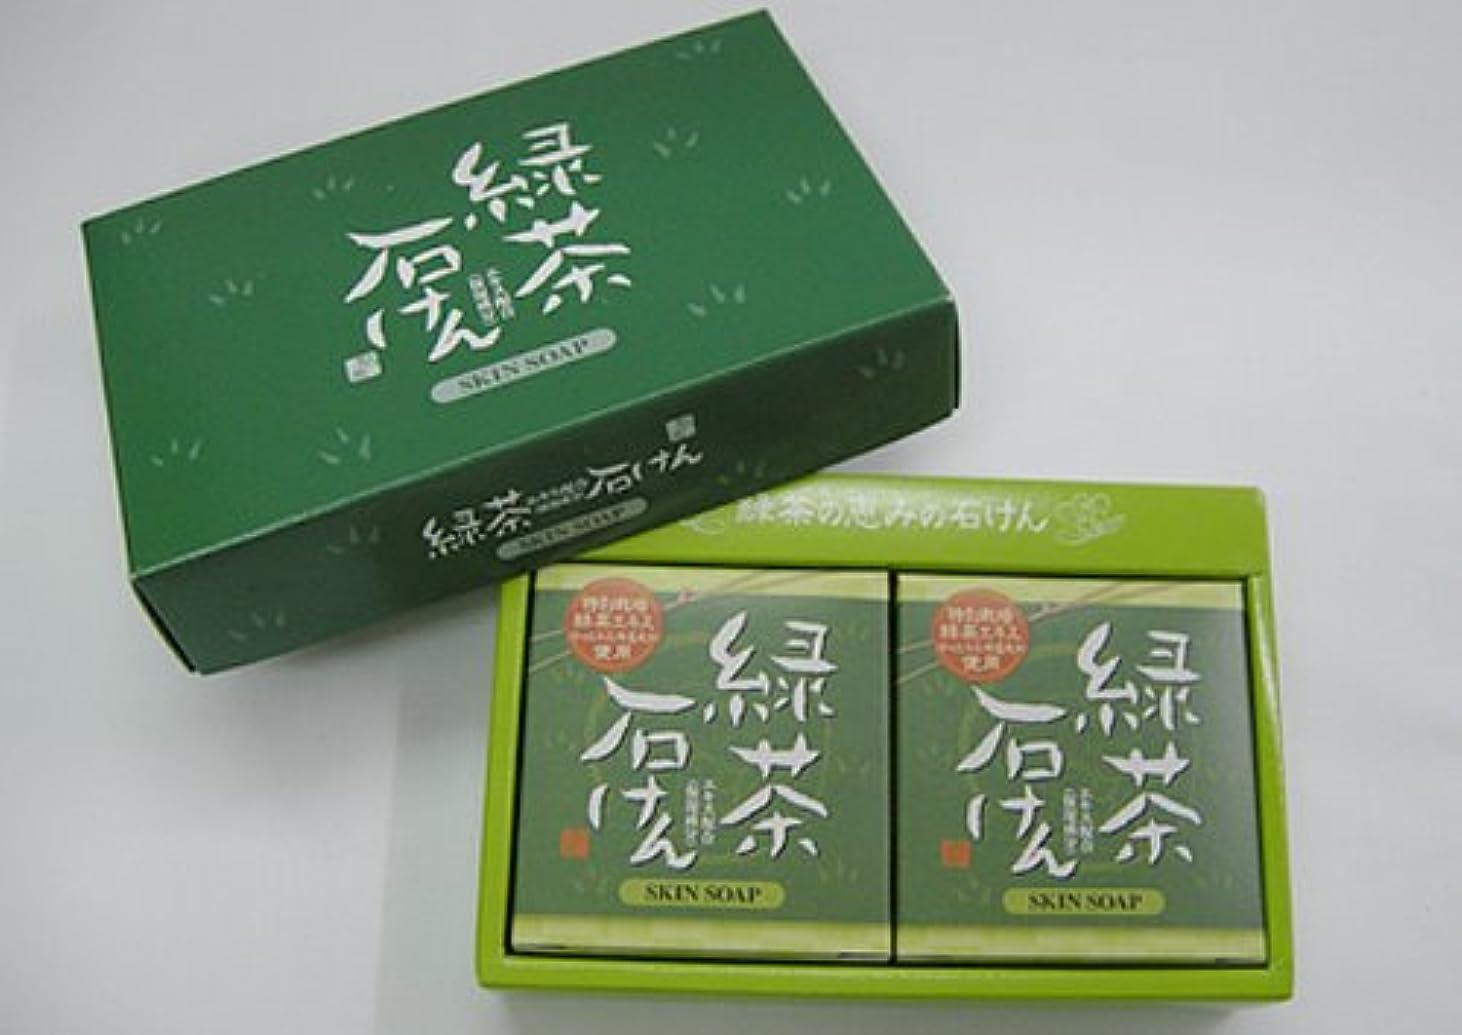 従う想像力豊かな美容師緑茶せっけん(緑茶エキス配合石けん)2ヶ入り